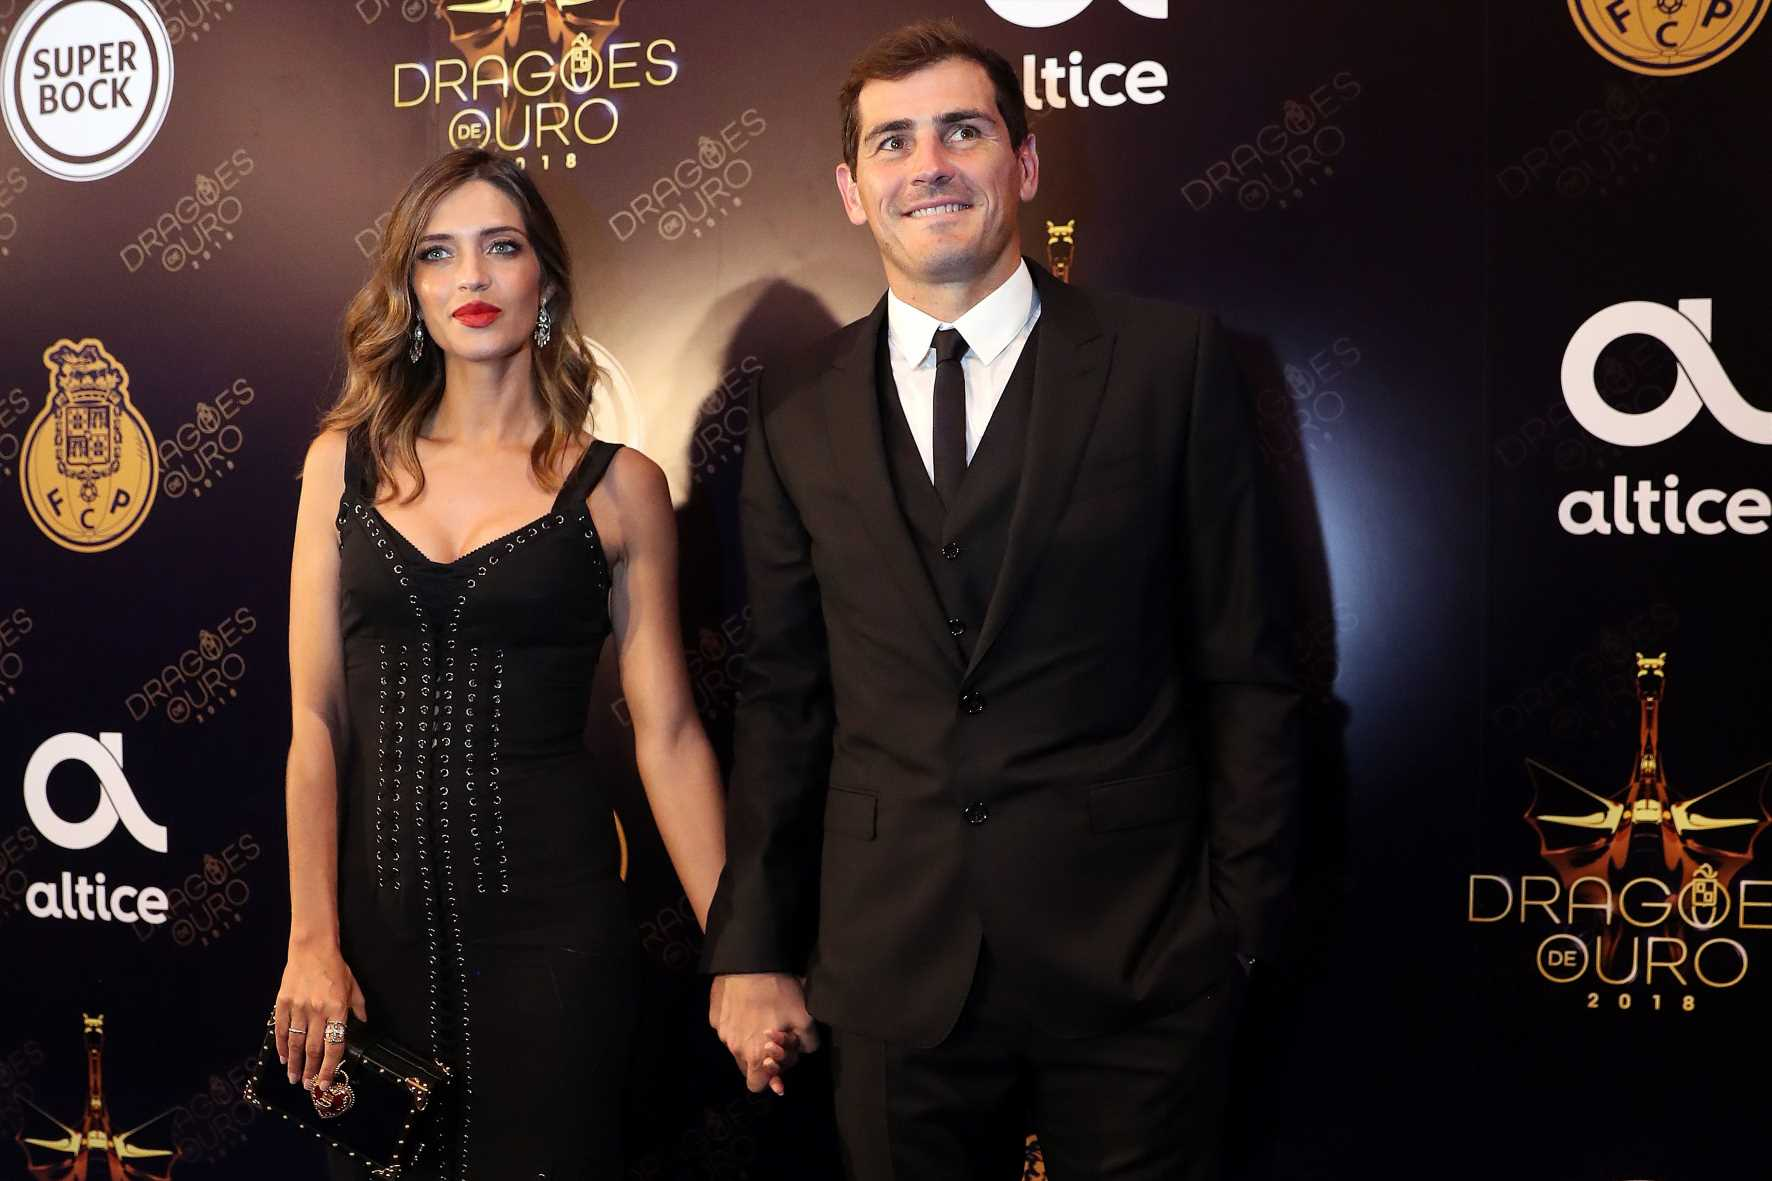 El plan familiar de Sara Carbonero e Iker Casillas tras anunciar su separación